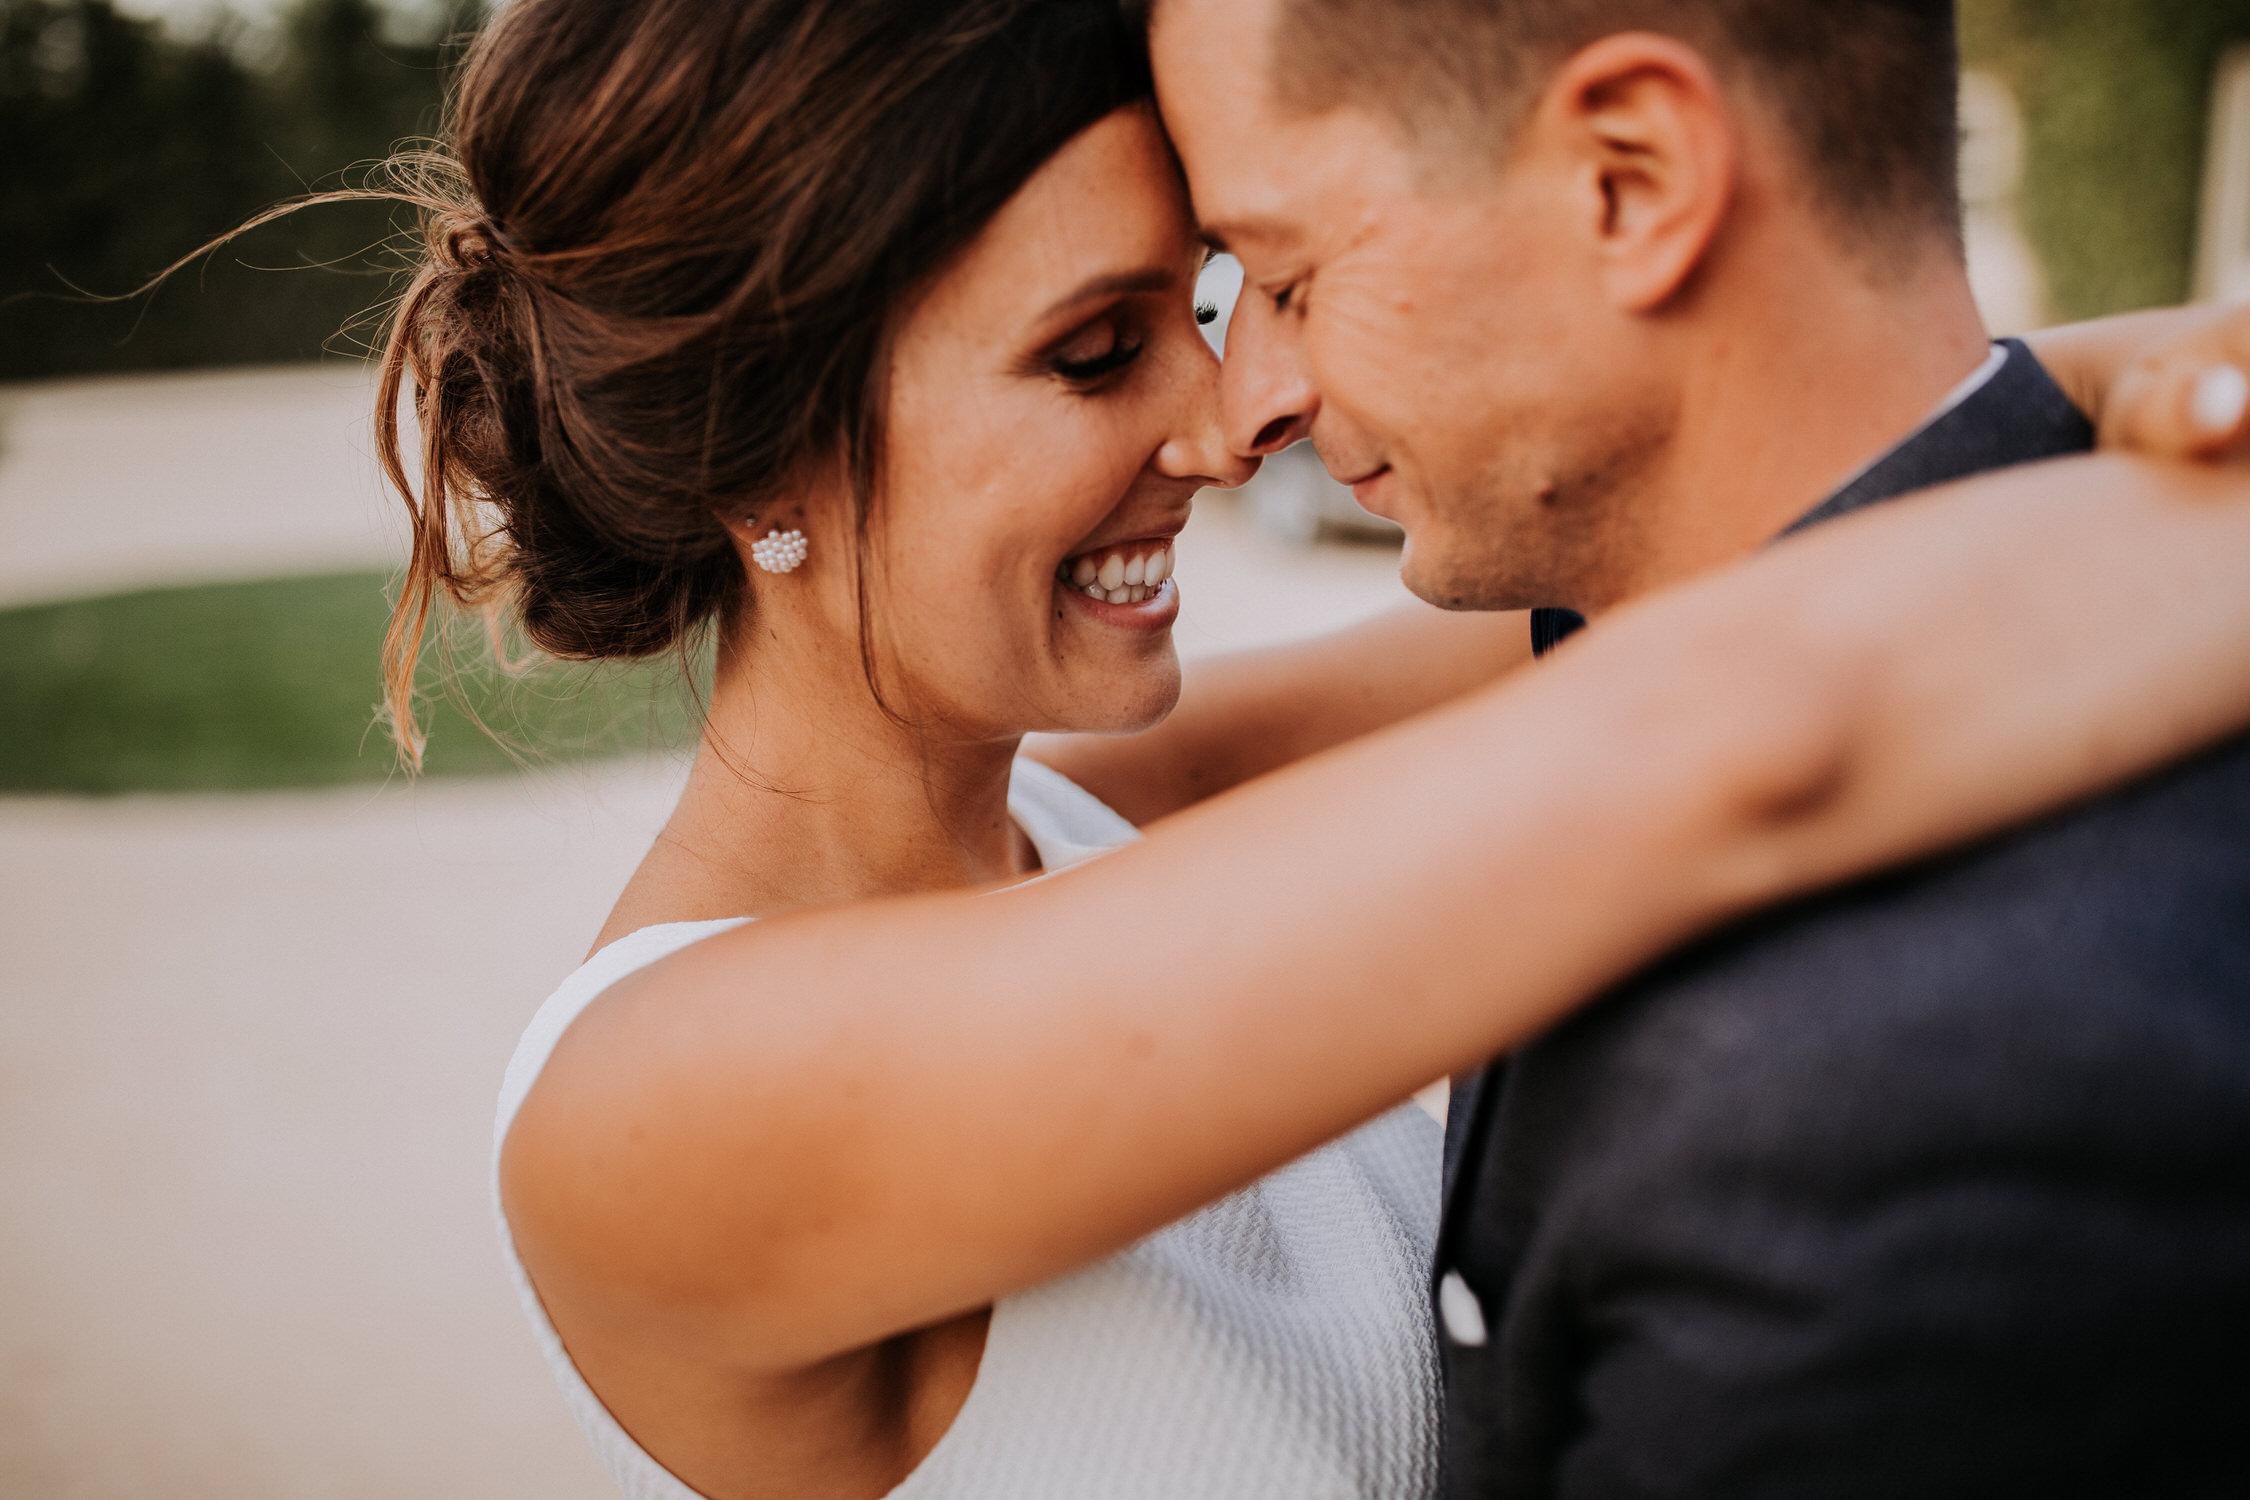 084 Filipe Santiago Fotografia Casamento wedding photographer near venue Lisbon Malveira Ericeira best Sintra Portugal destination solar de pancas alenquer